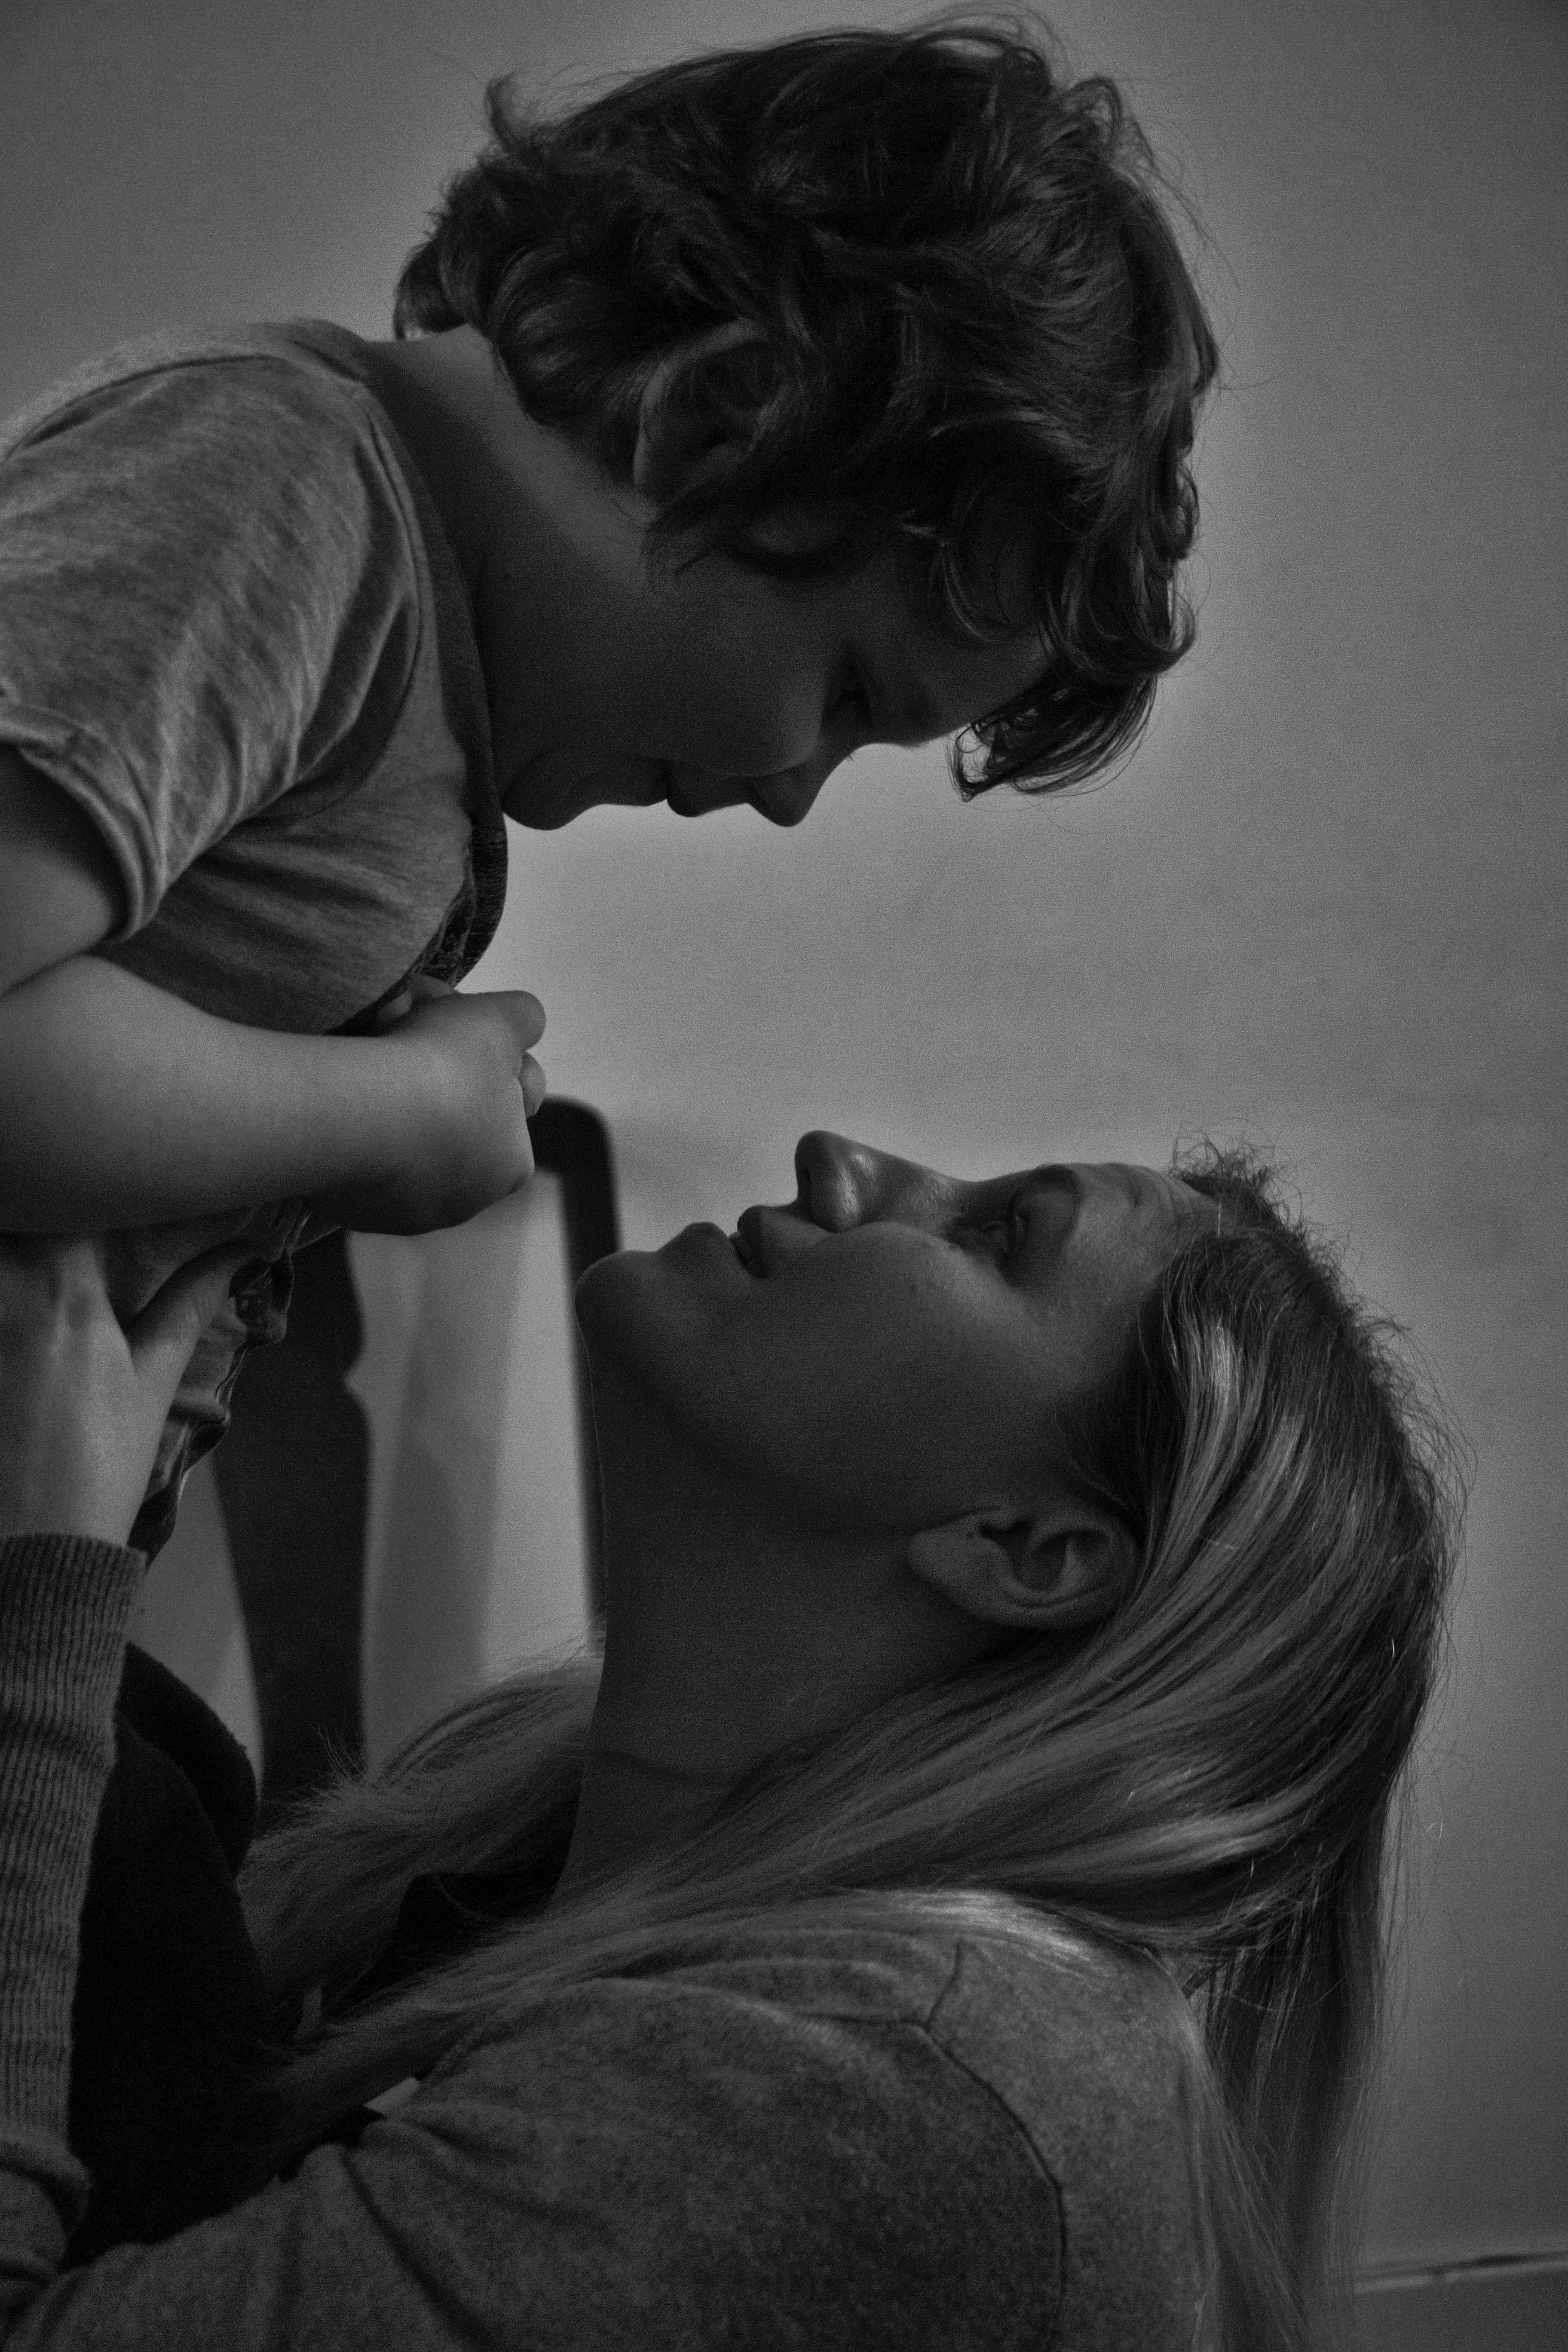 Gratis Afbeeldingen  Persoon, Zwart En Wit, Vrouw, Jongen -6968